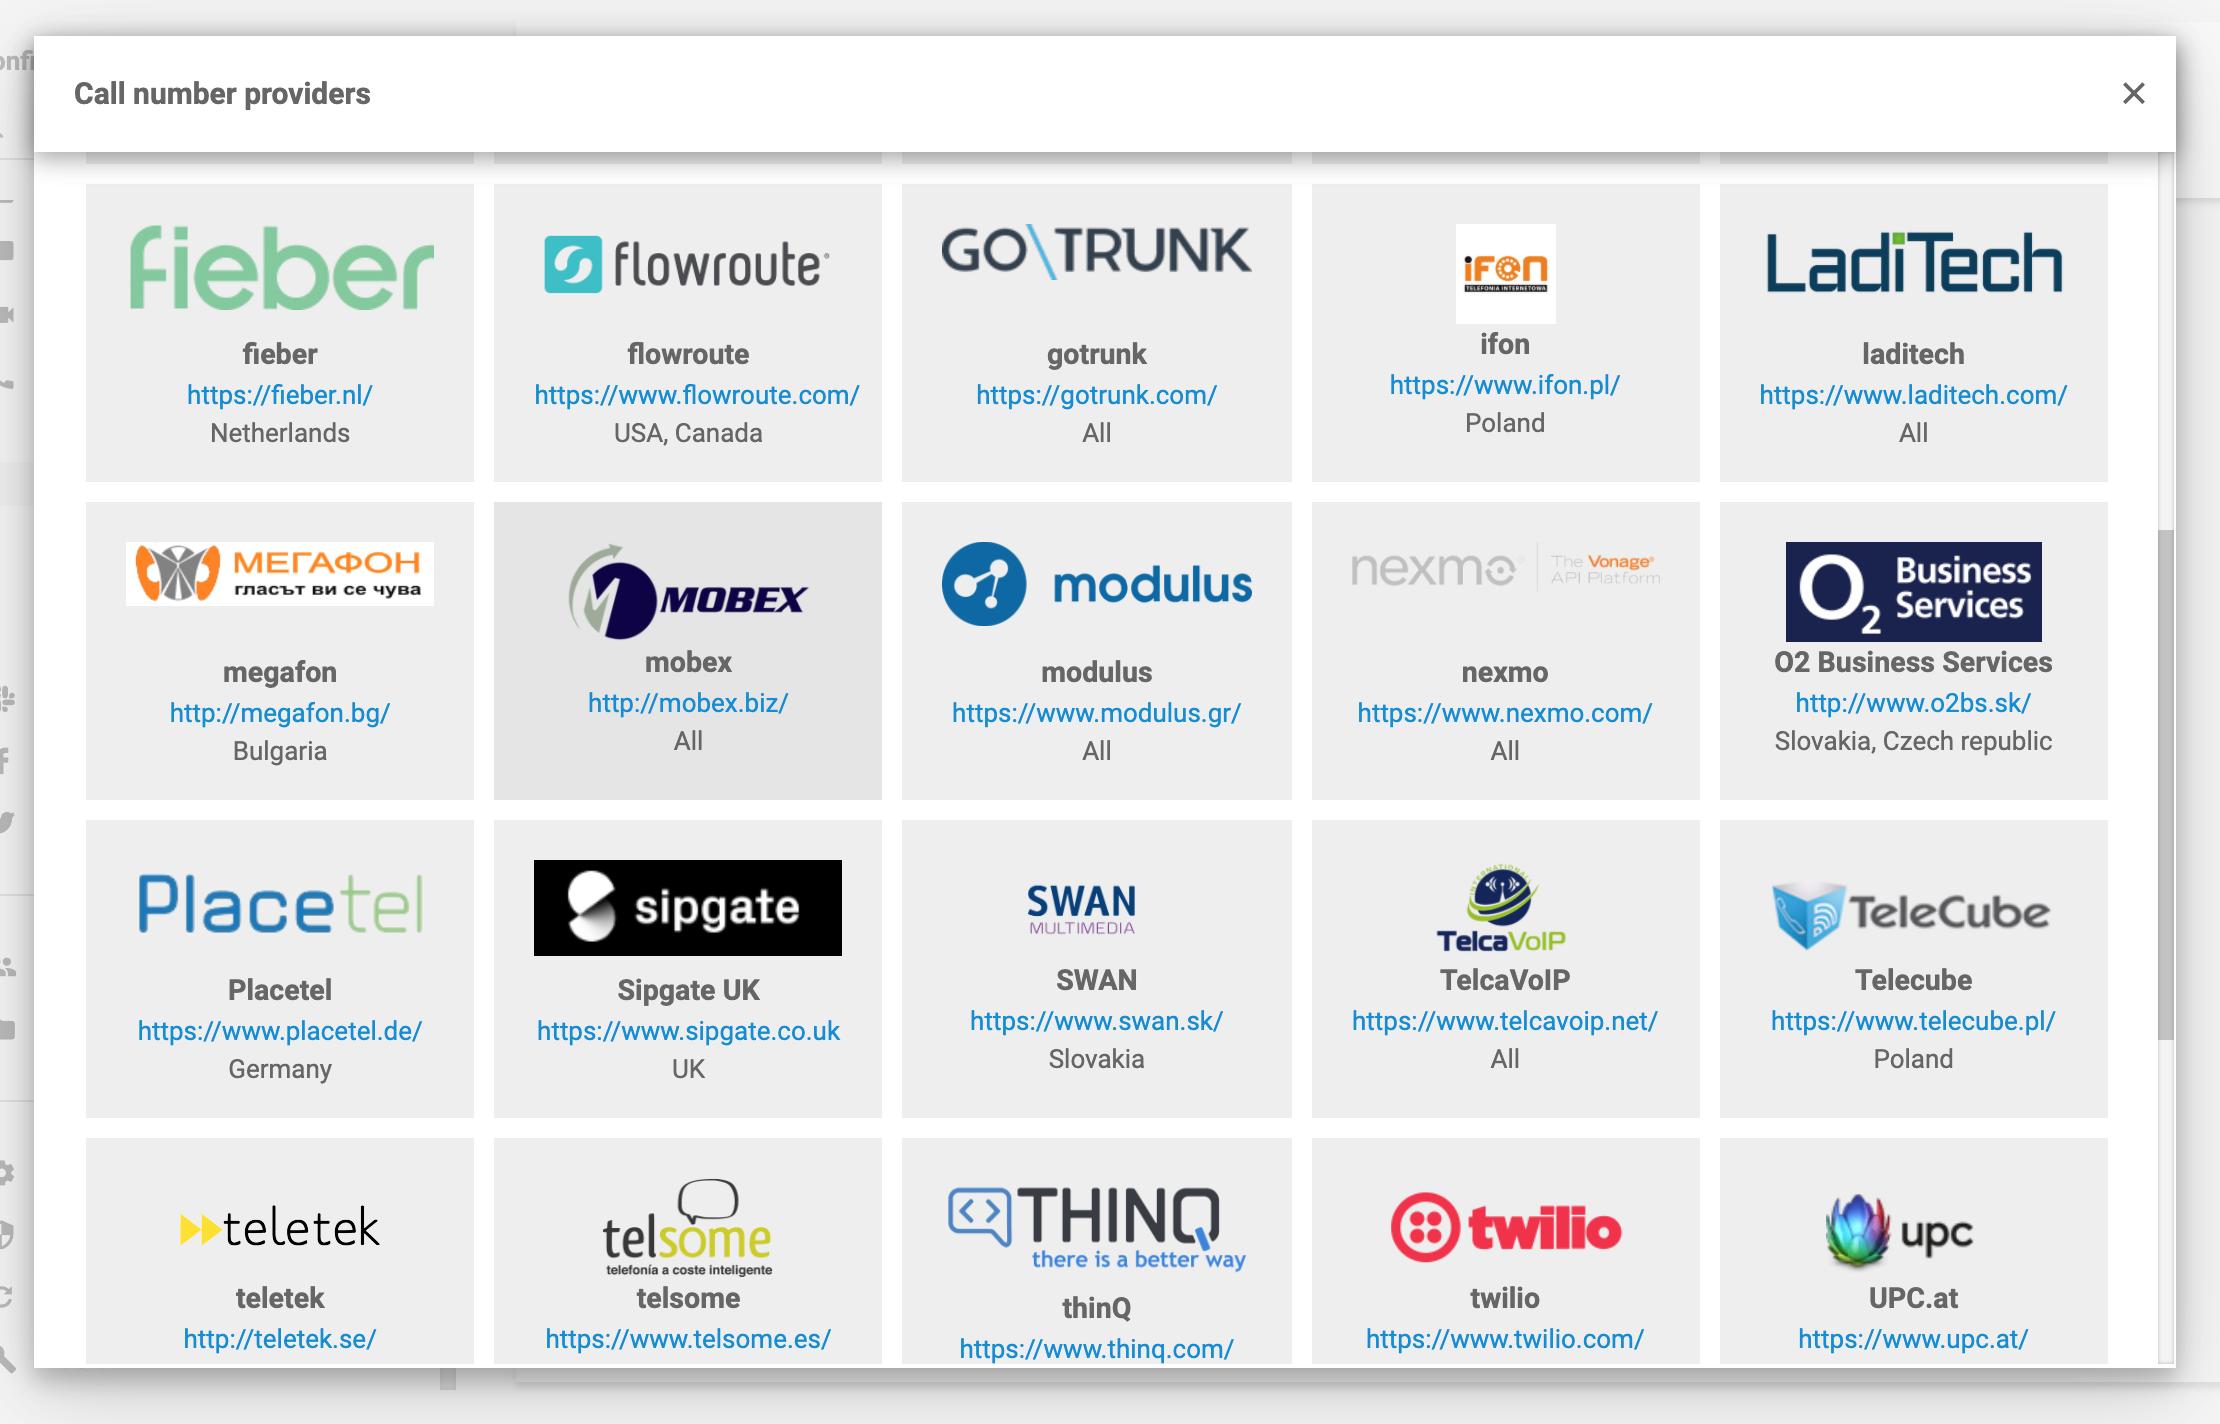 Flowroute-VoIP-partner-LiveAgent